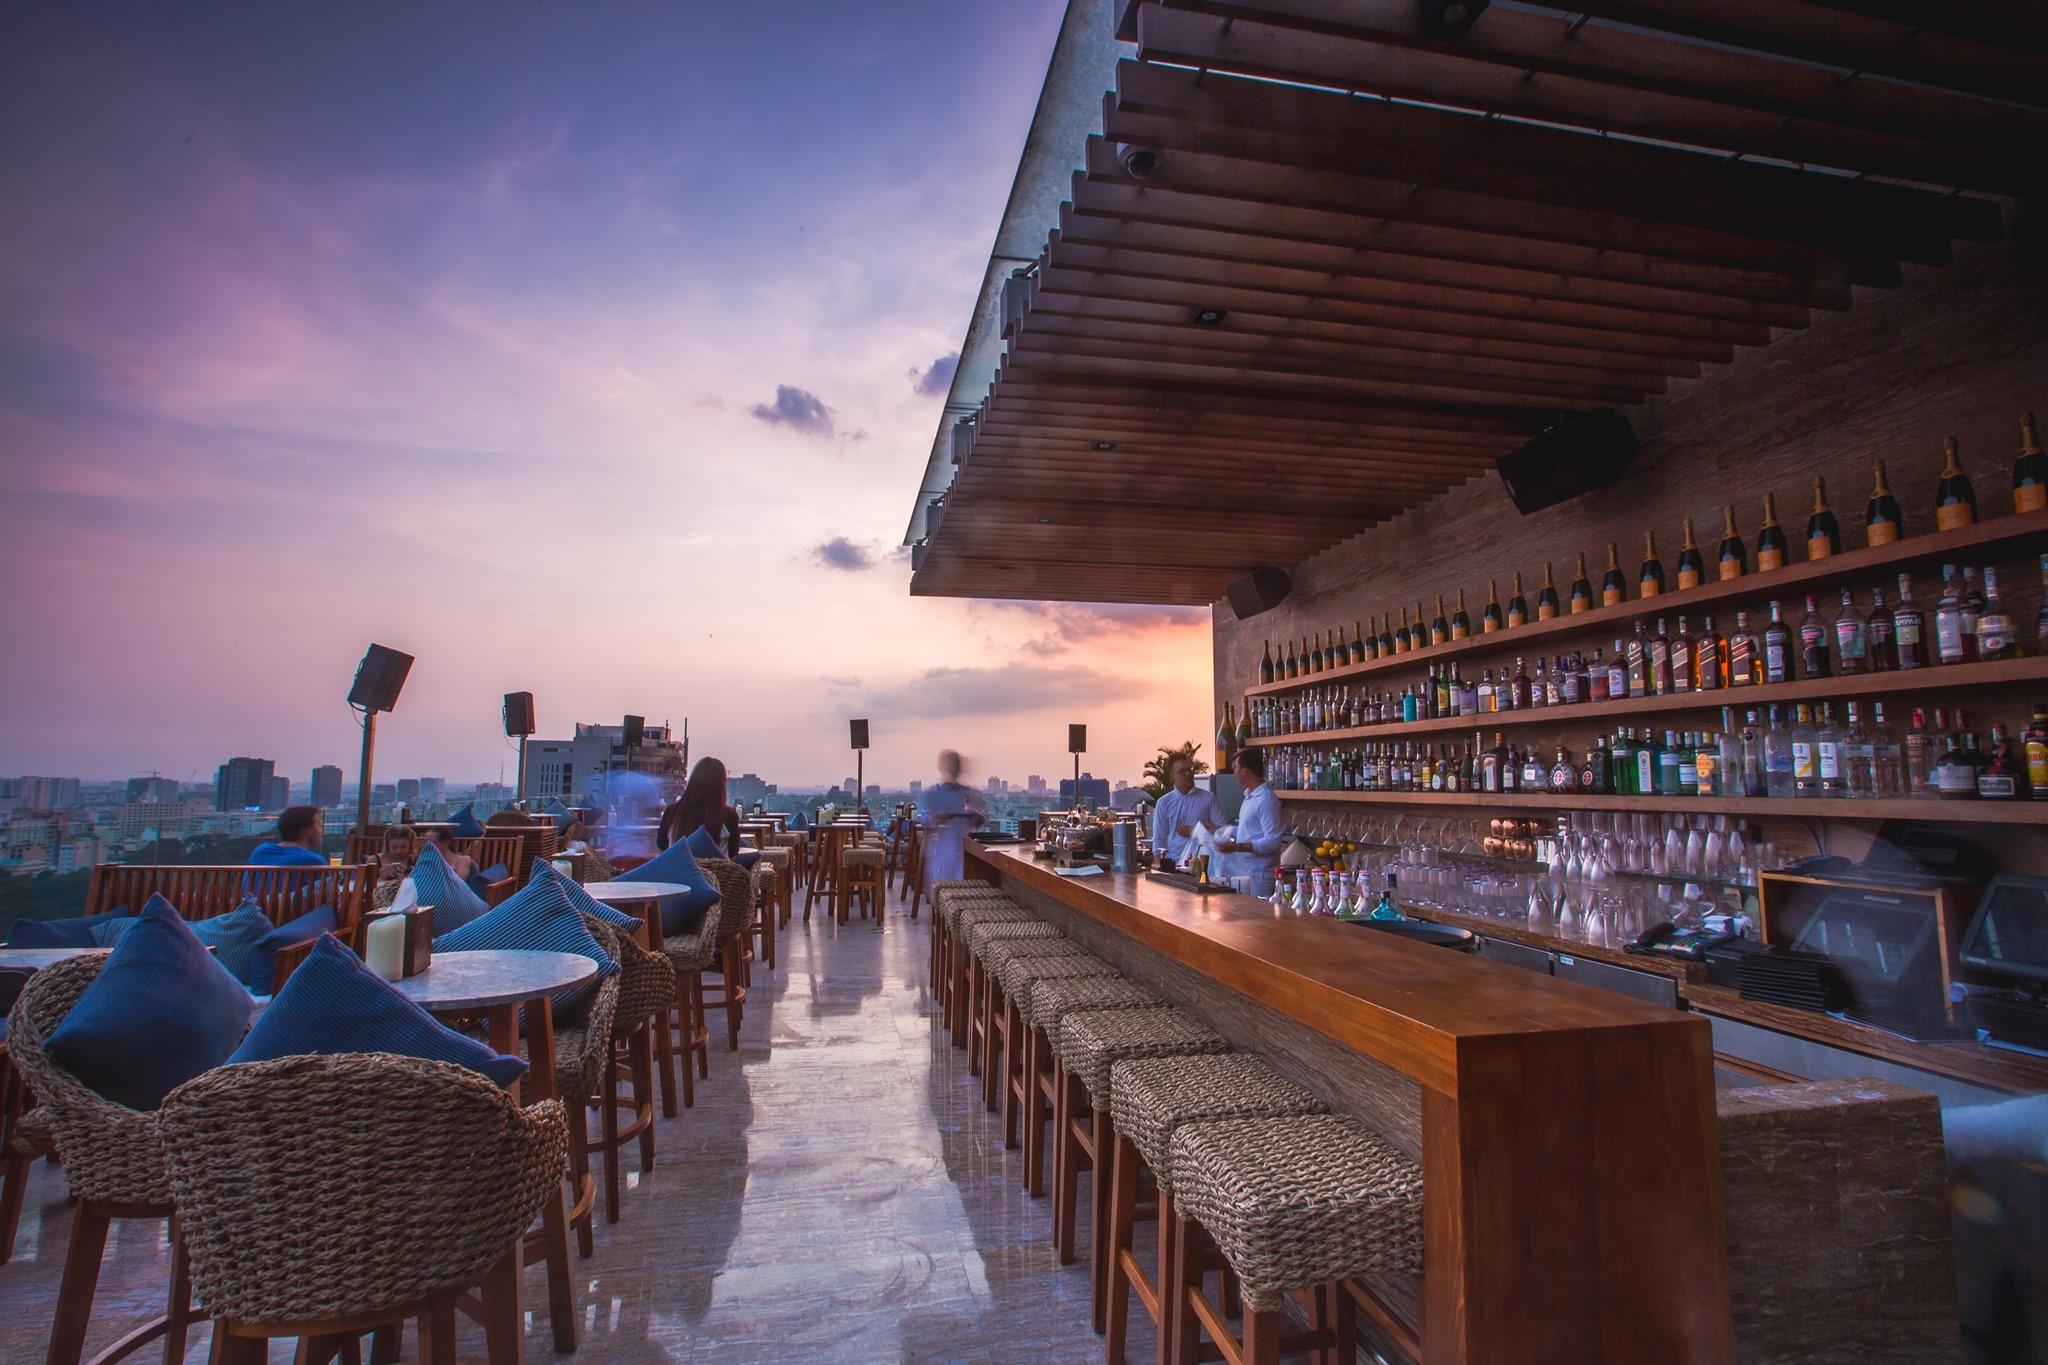 2n1d-o-hotel-des-arts-mien-phi-cocktails-va-mini-bar-chi-1599000-vndkhach-ivivu-07